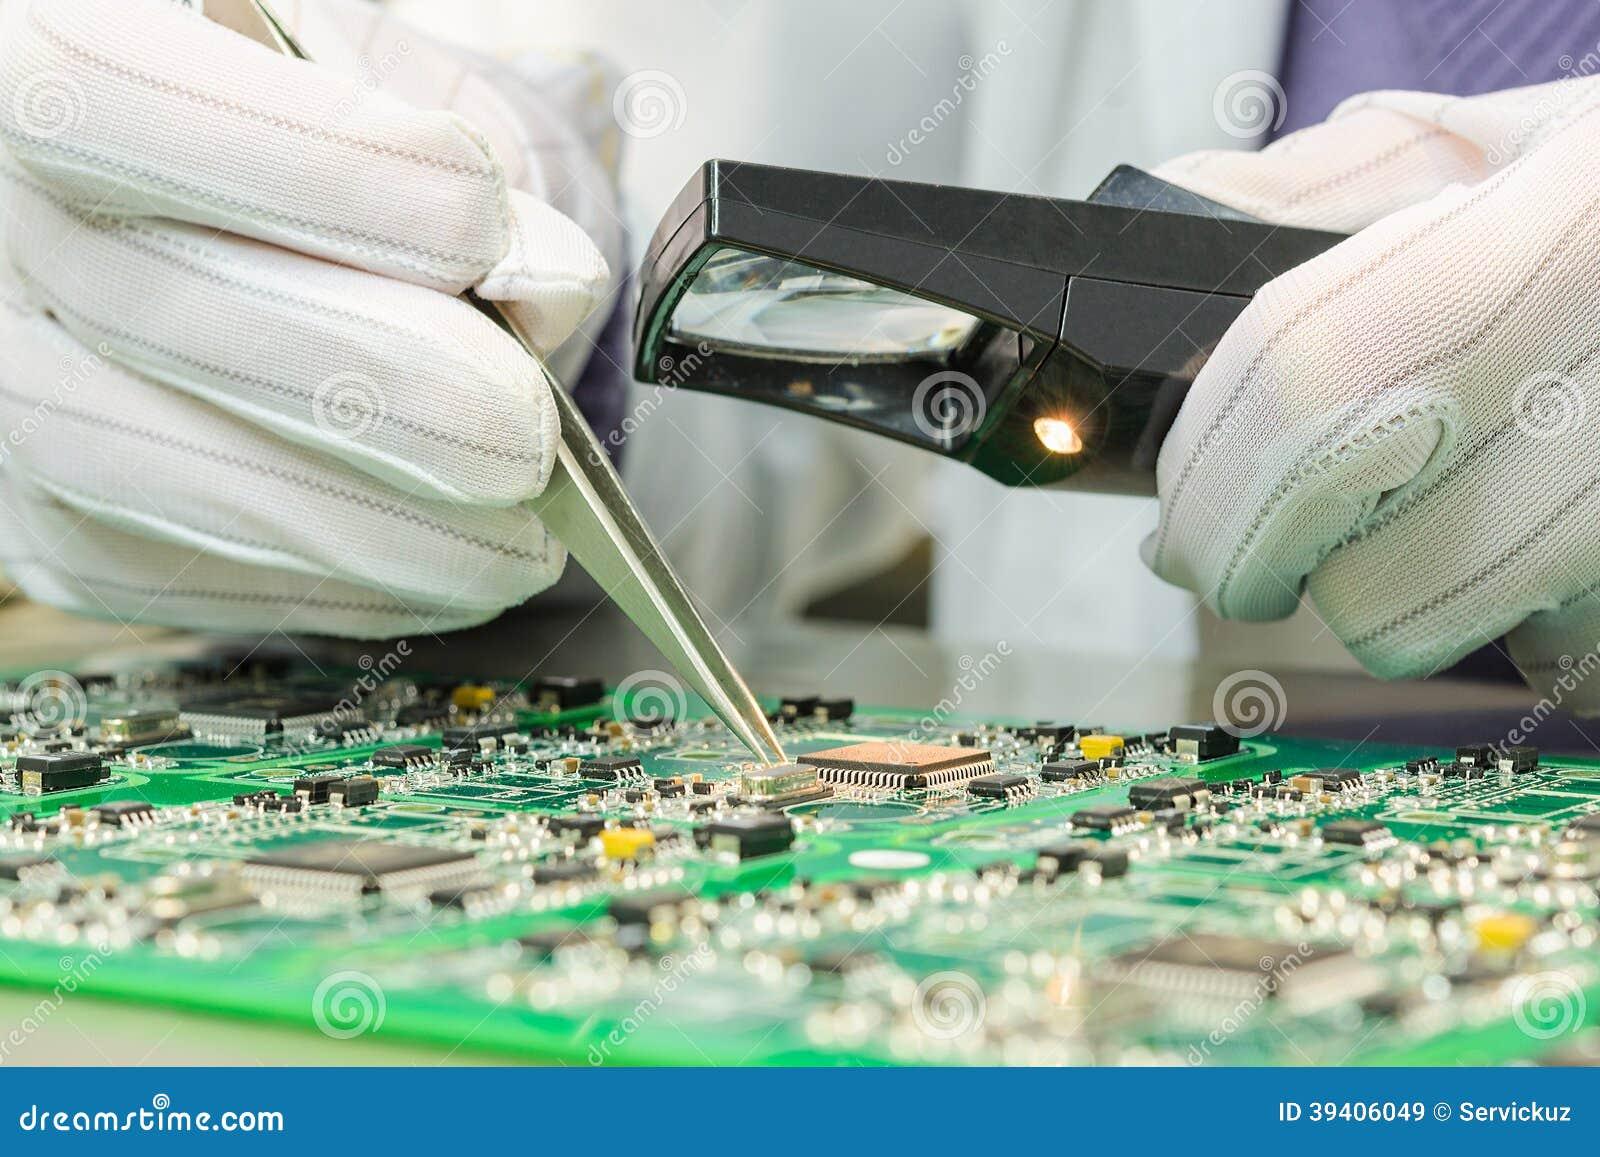 Controle da qualidade de componentes eletrônicos no PWB